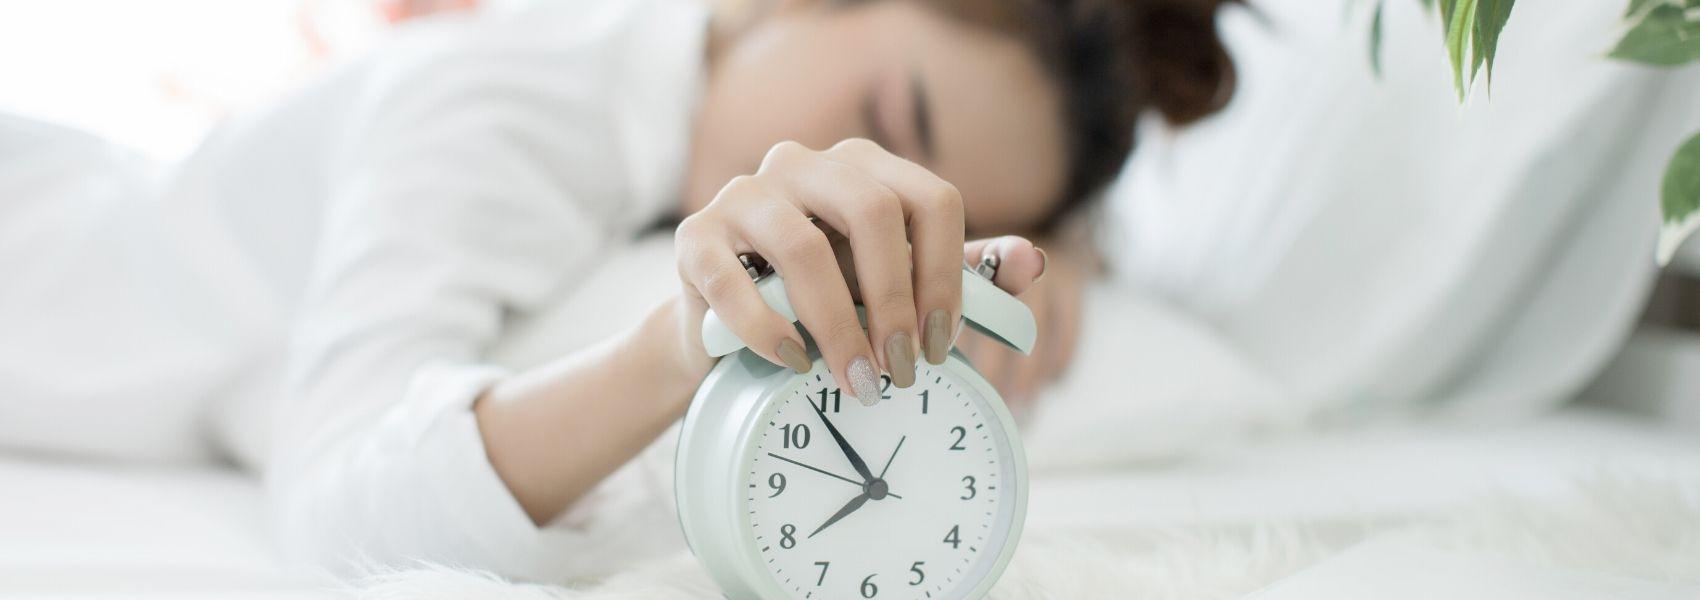 Nem pouco, nem muito: a quantidade certa de sono para não prejudicar o coração